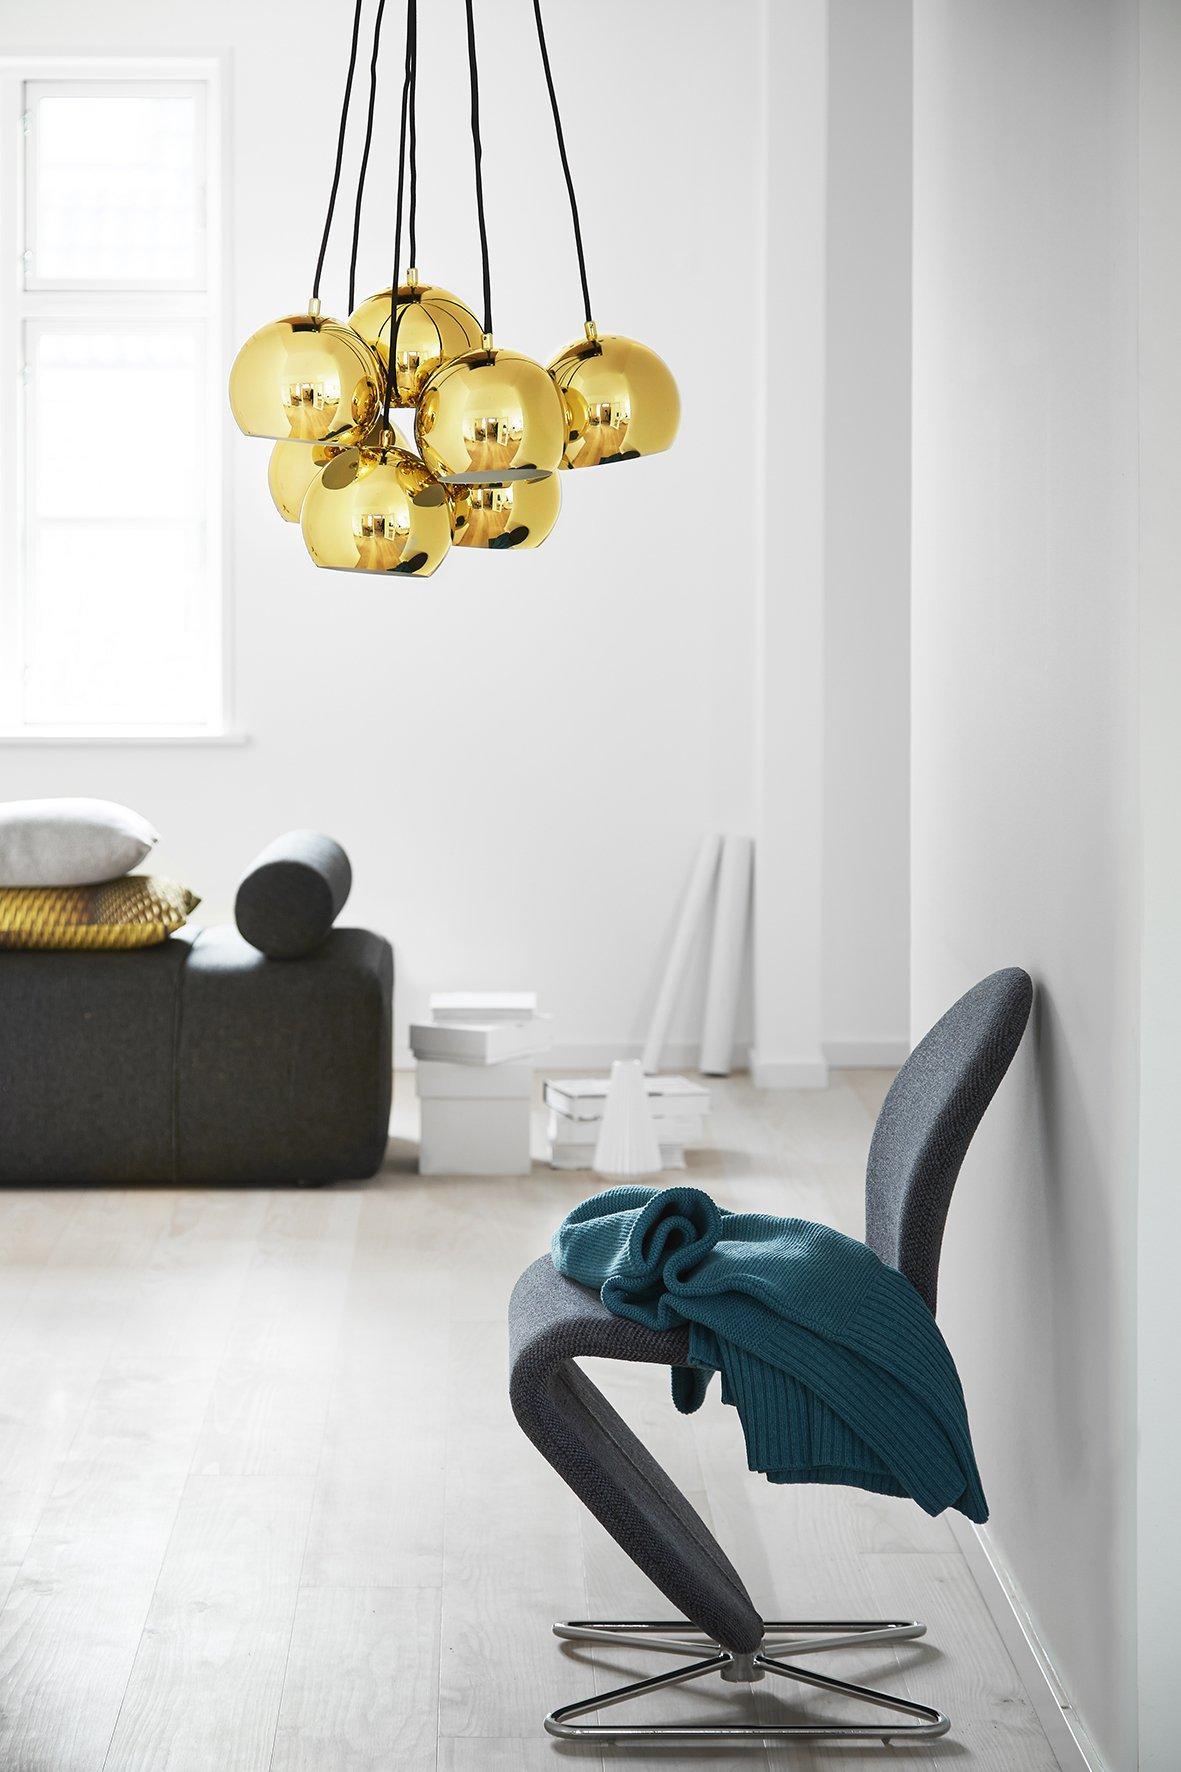 Wiszące lampy Bell o prostym pięknym designie